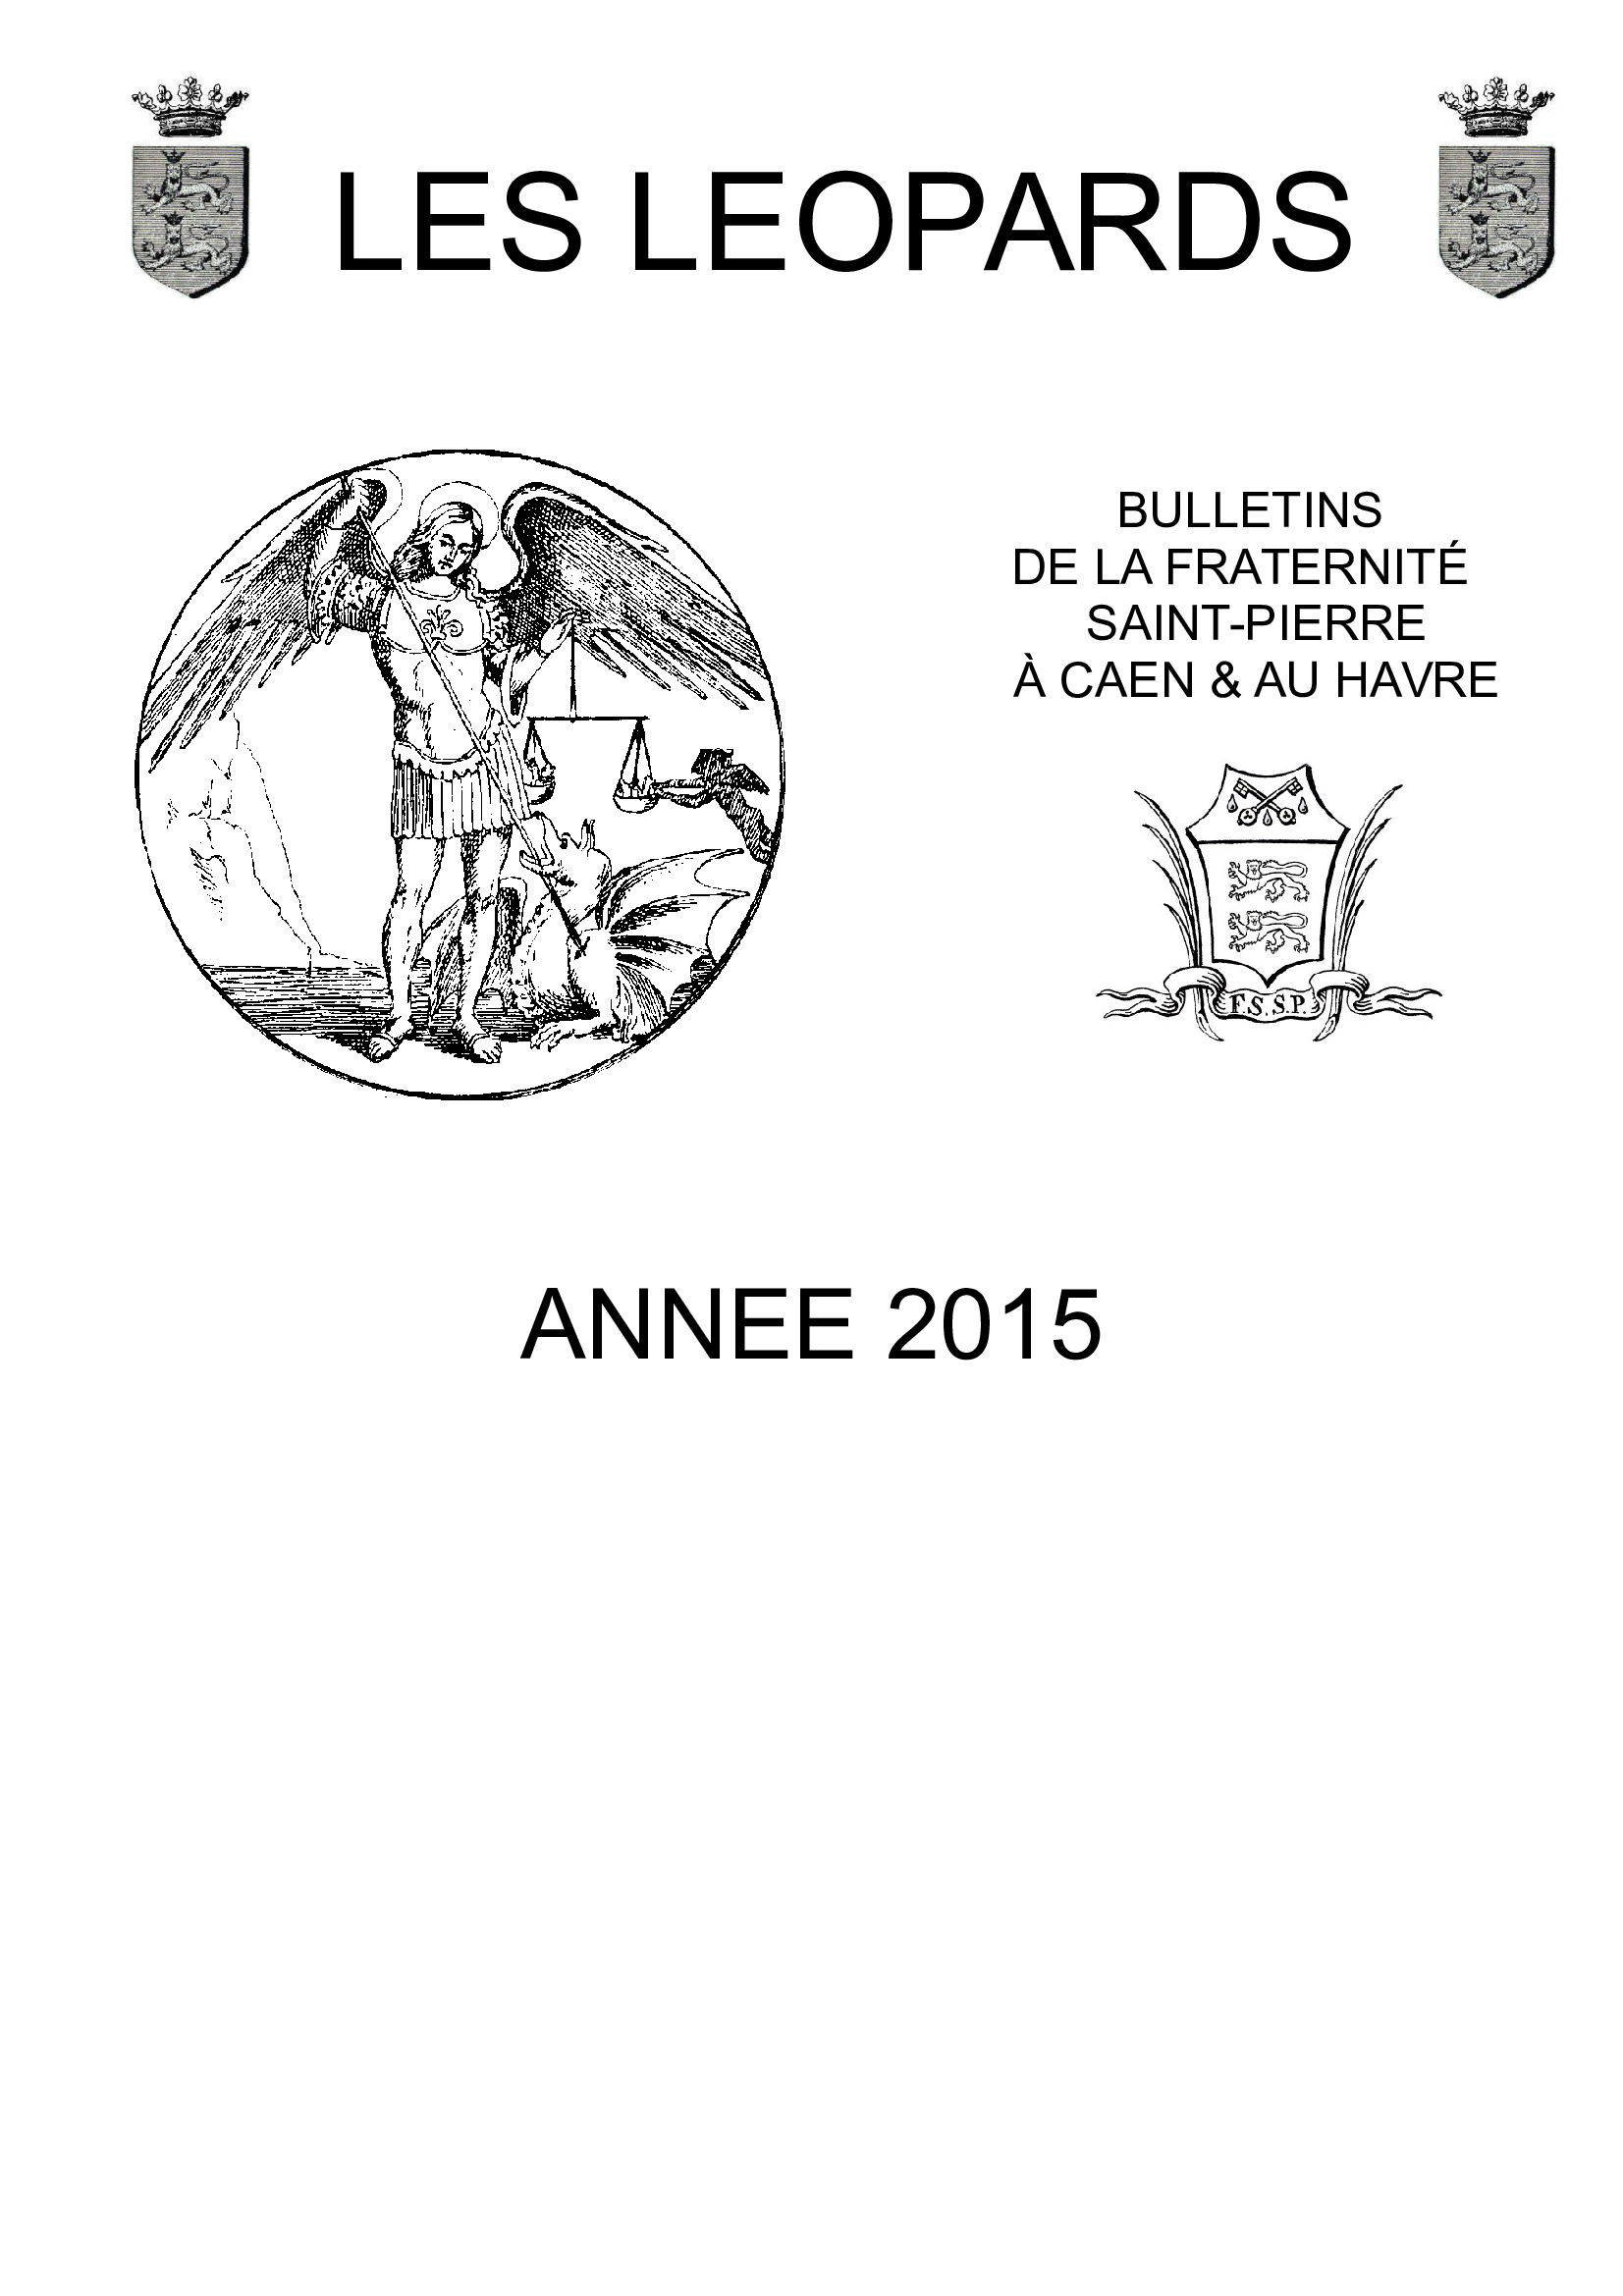 Bulletins de l'année 2015